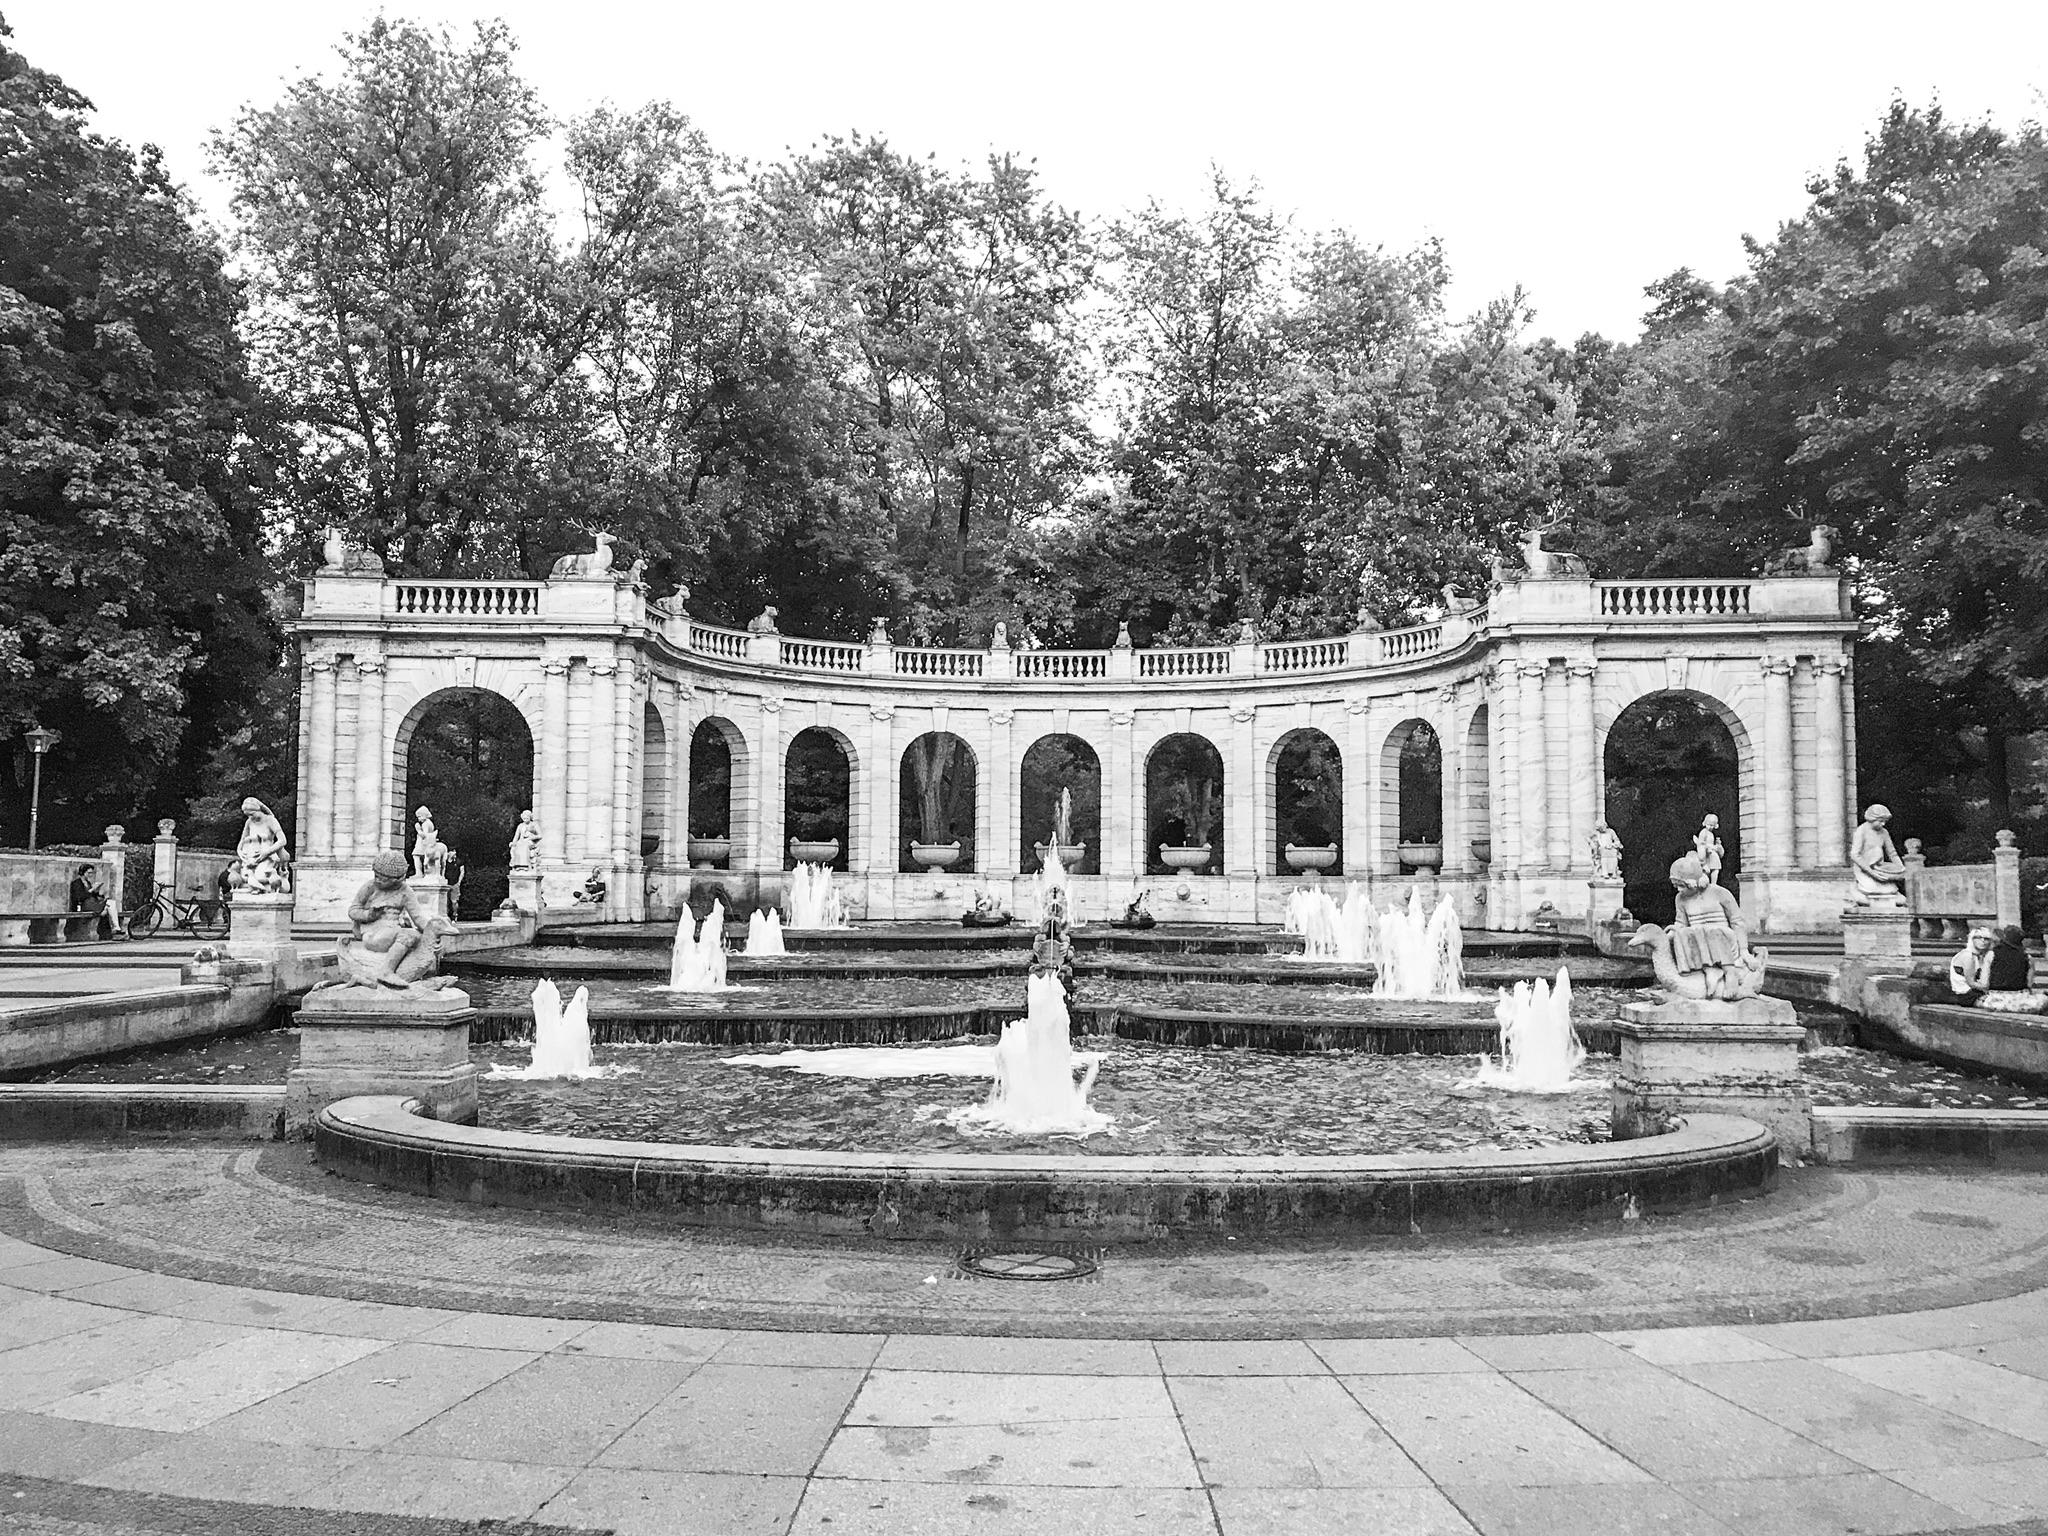 Märchenbrunnen im Volkspark Friedrichshain, Germany